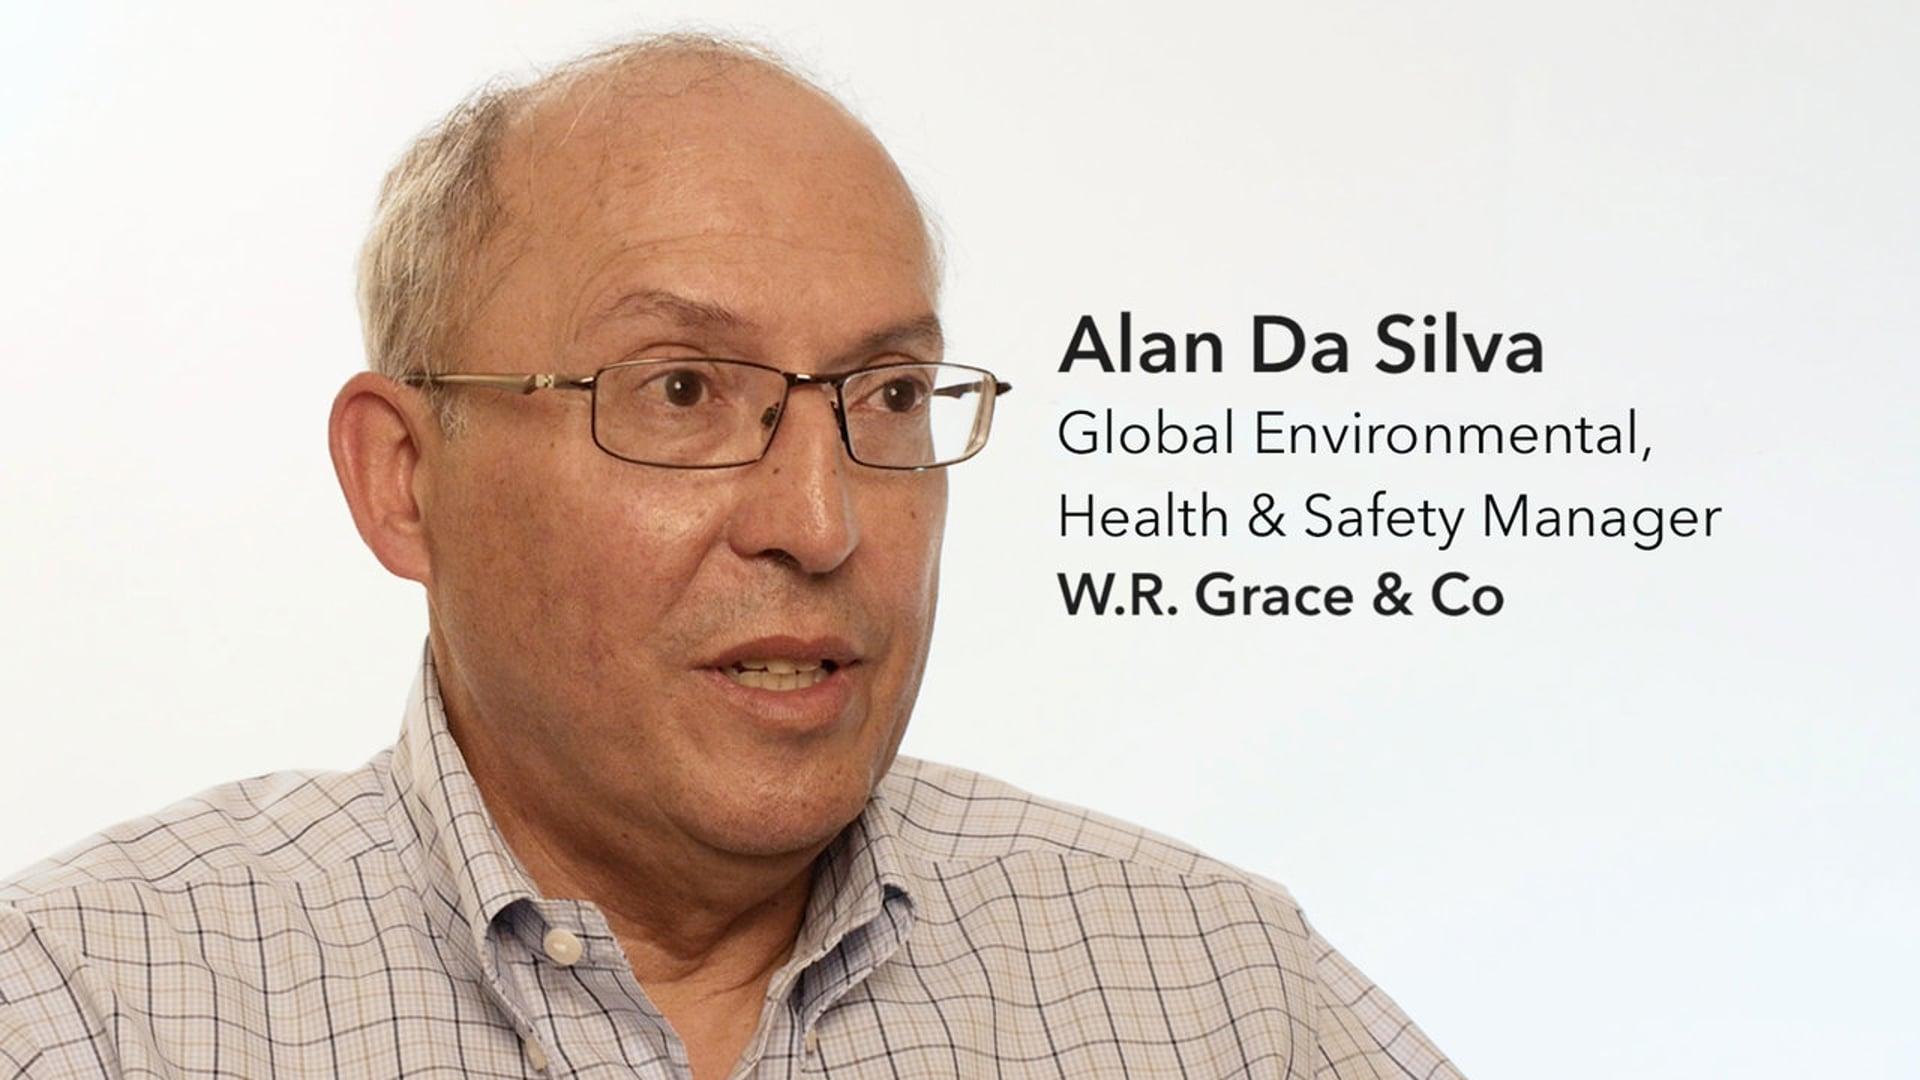 WR Grace & Co | Alan Da Silva